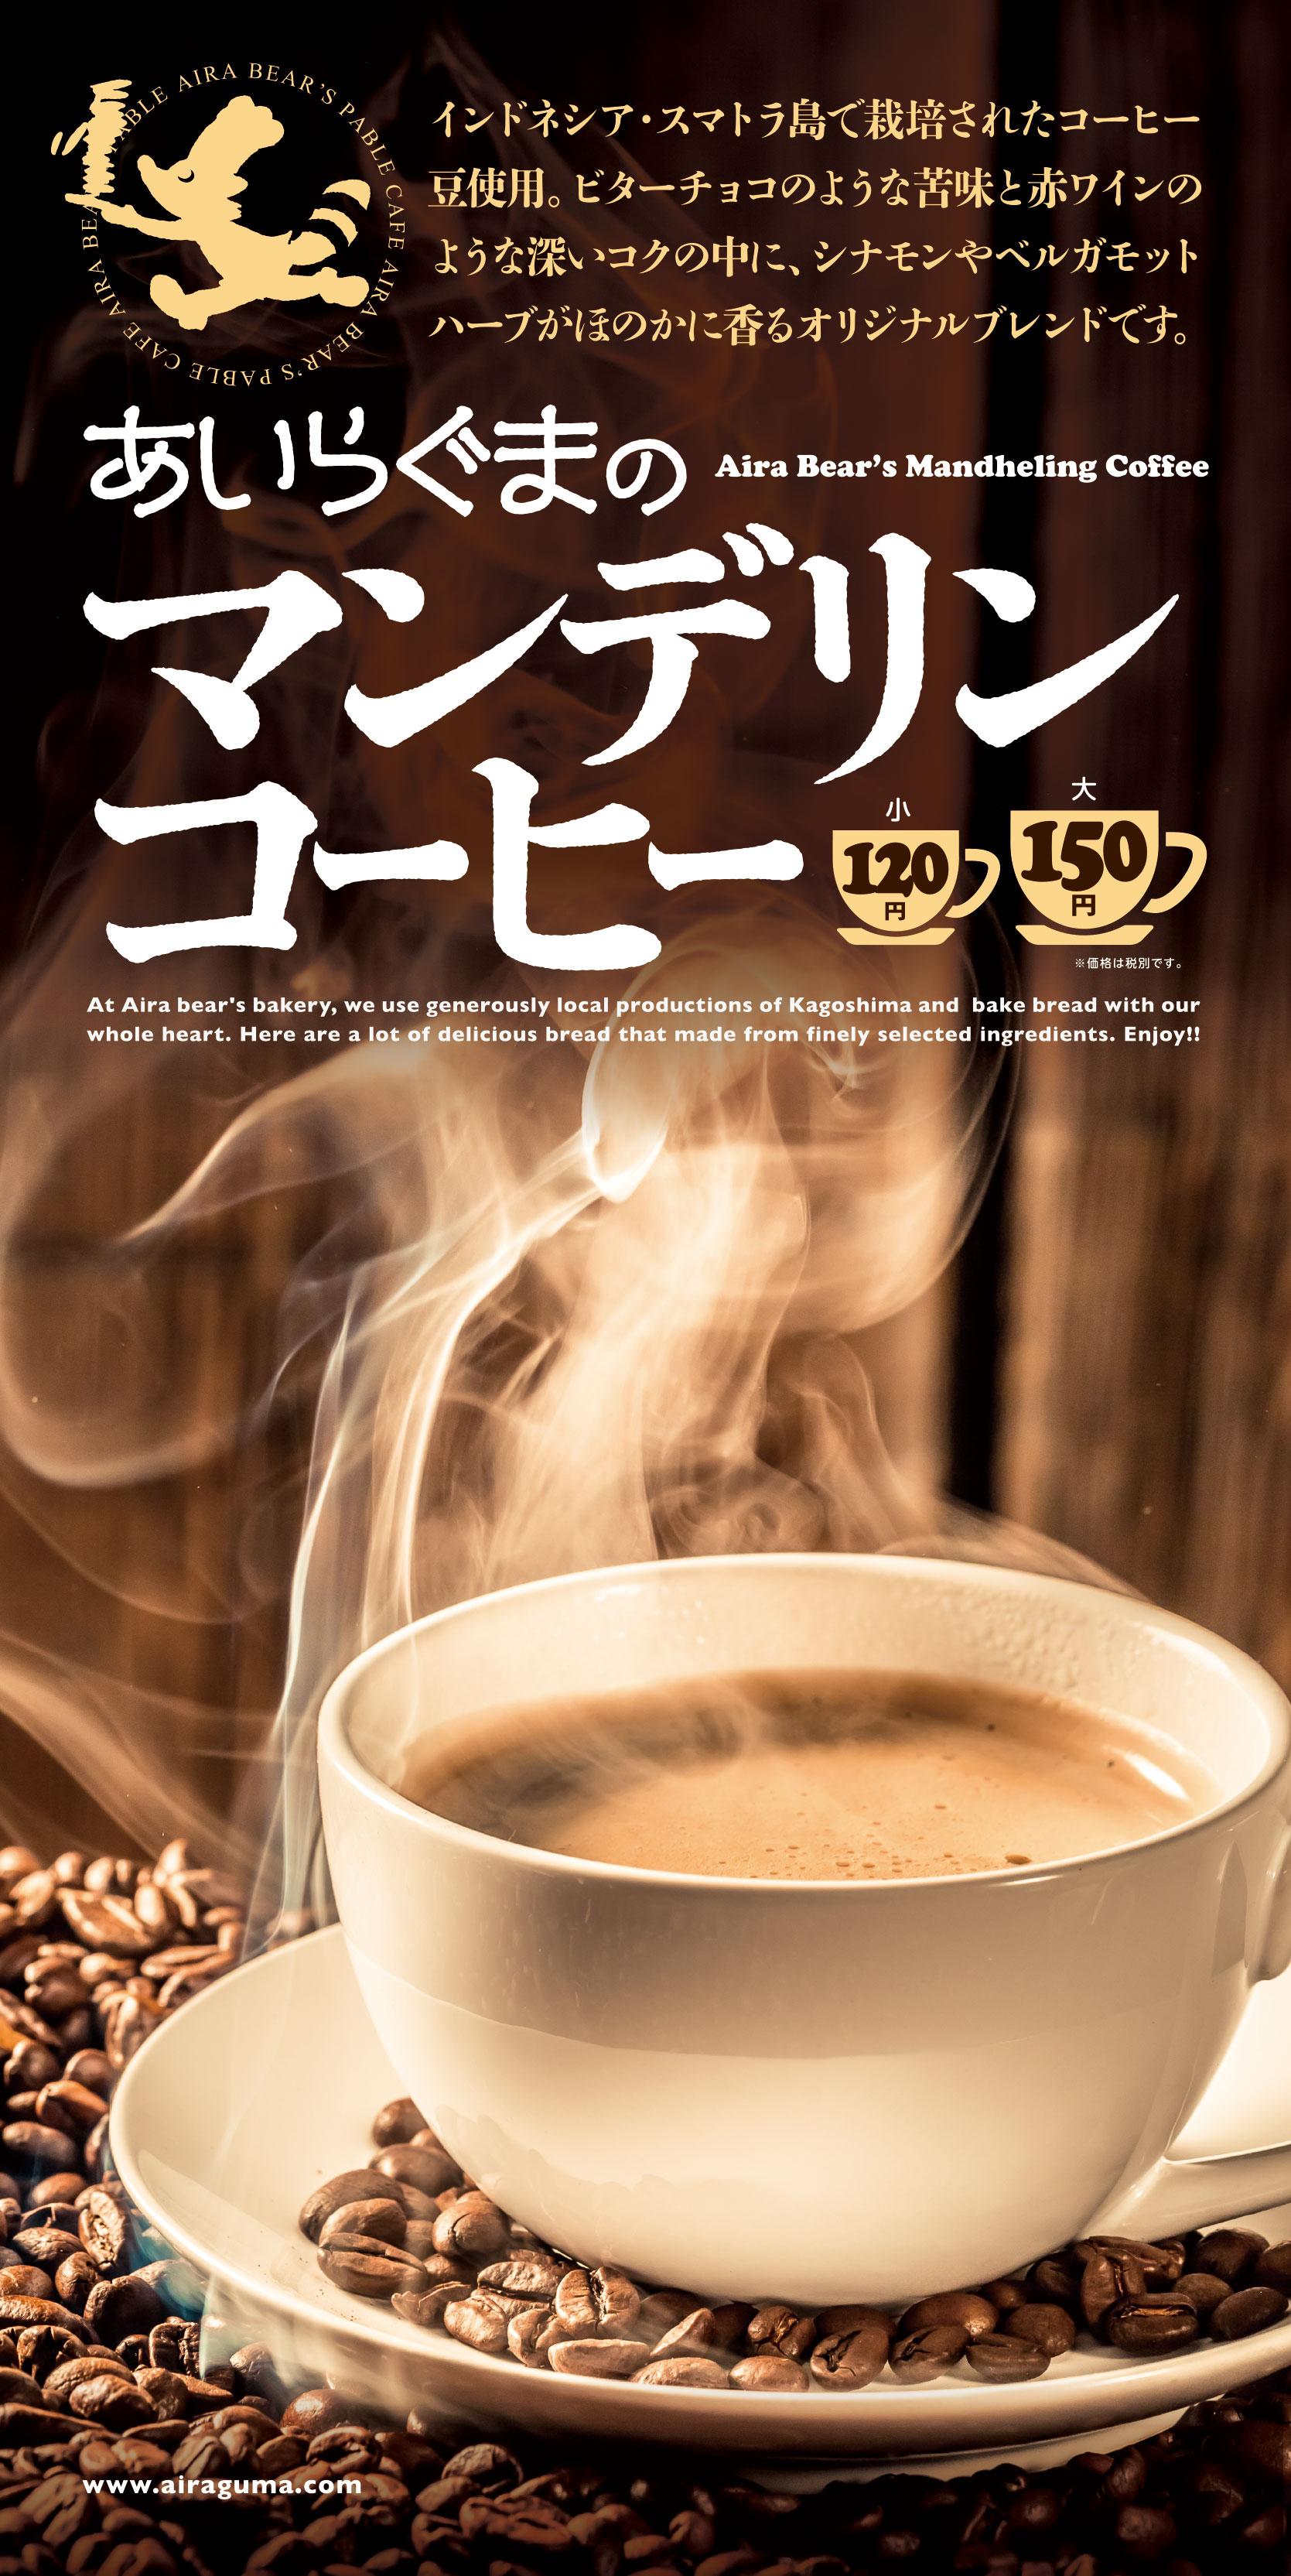 伊敷店マンデリンコーヒー